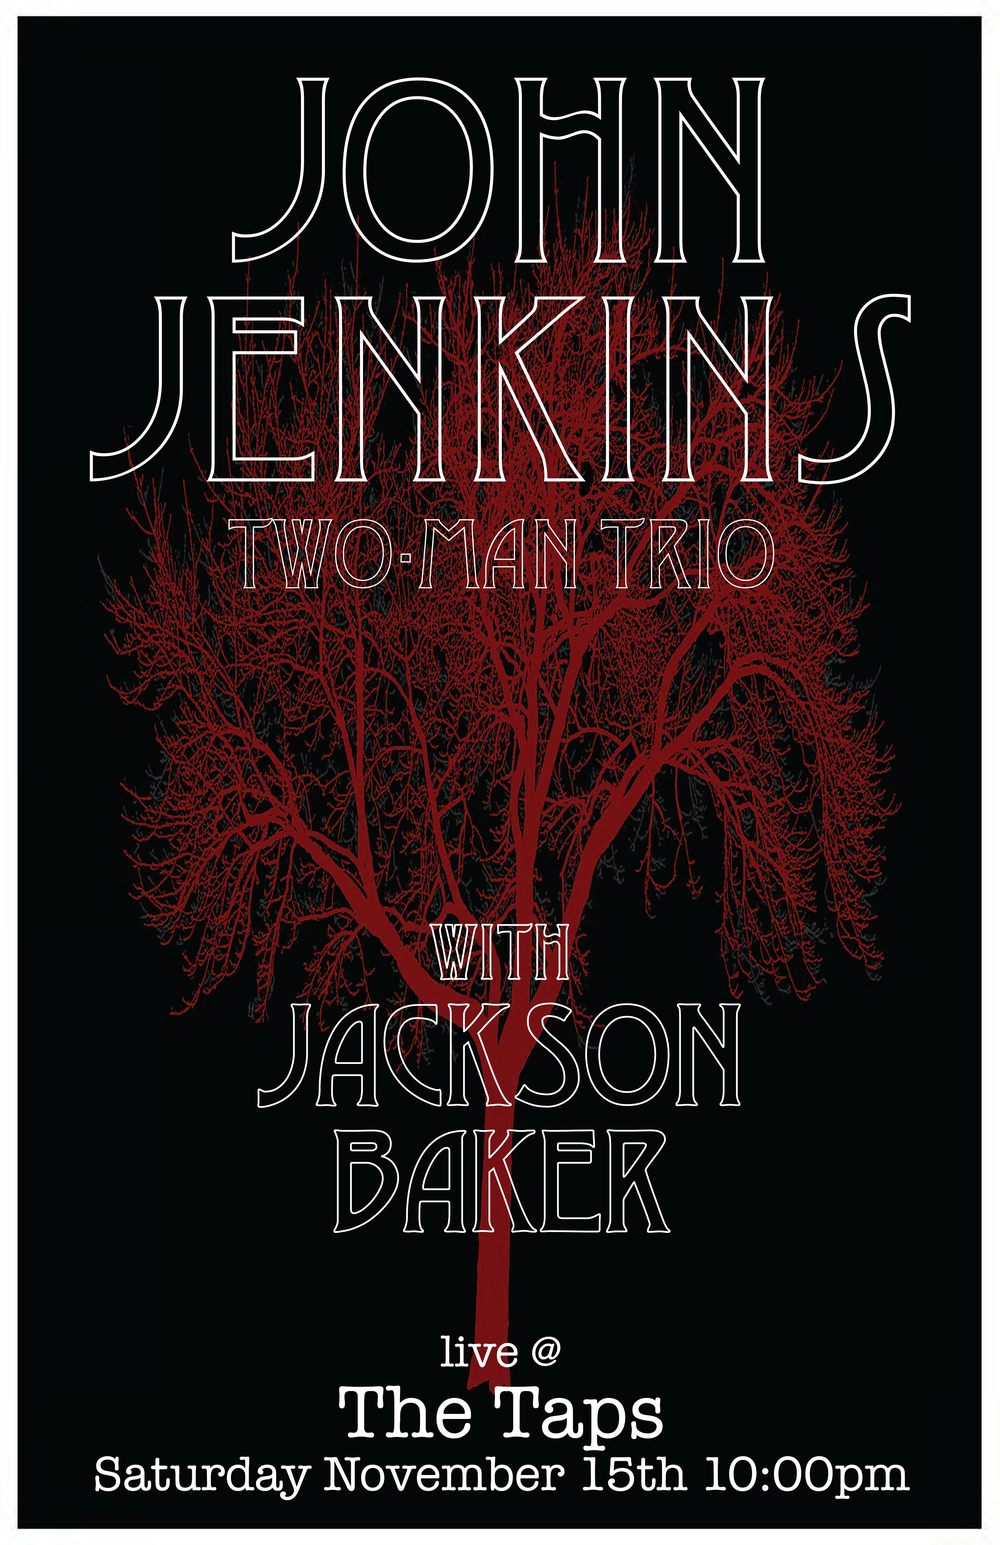 John Jenkins nov15 2014 John Jenkins nov15 2014